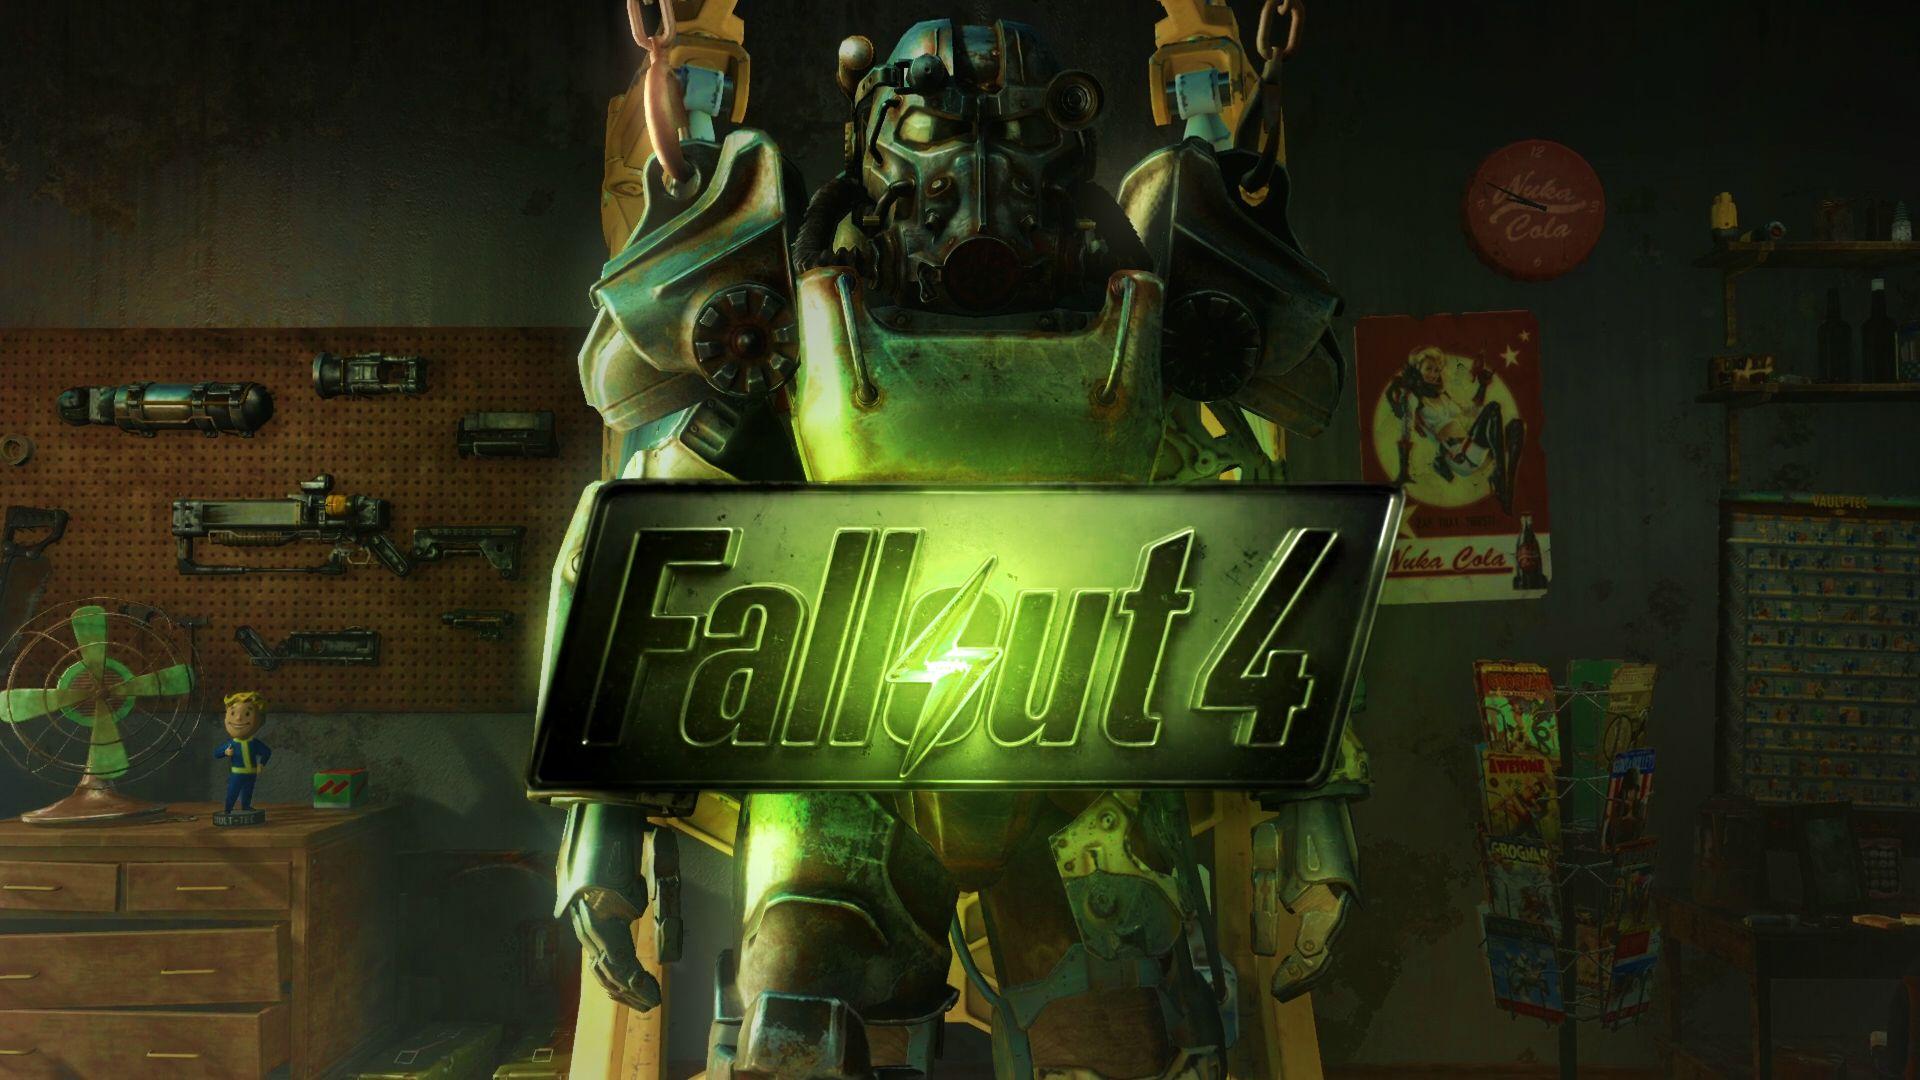 Fallout 4 Desktop Wallpaper Weapons back 1920x1080